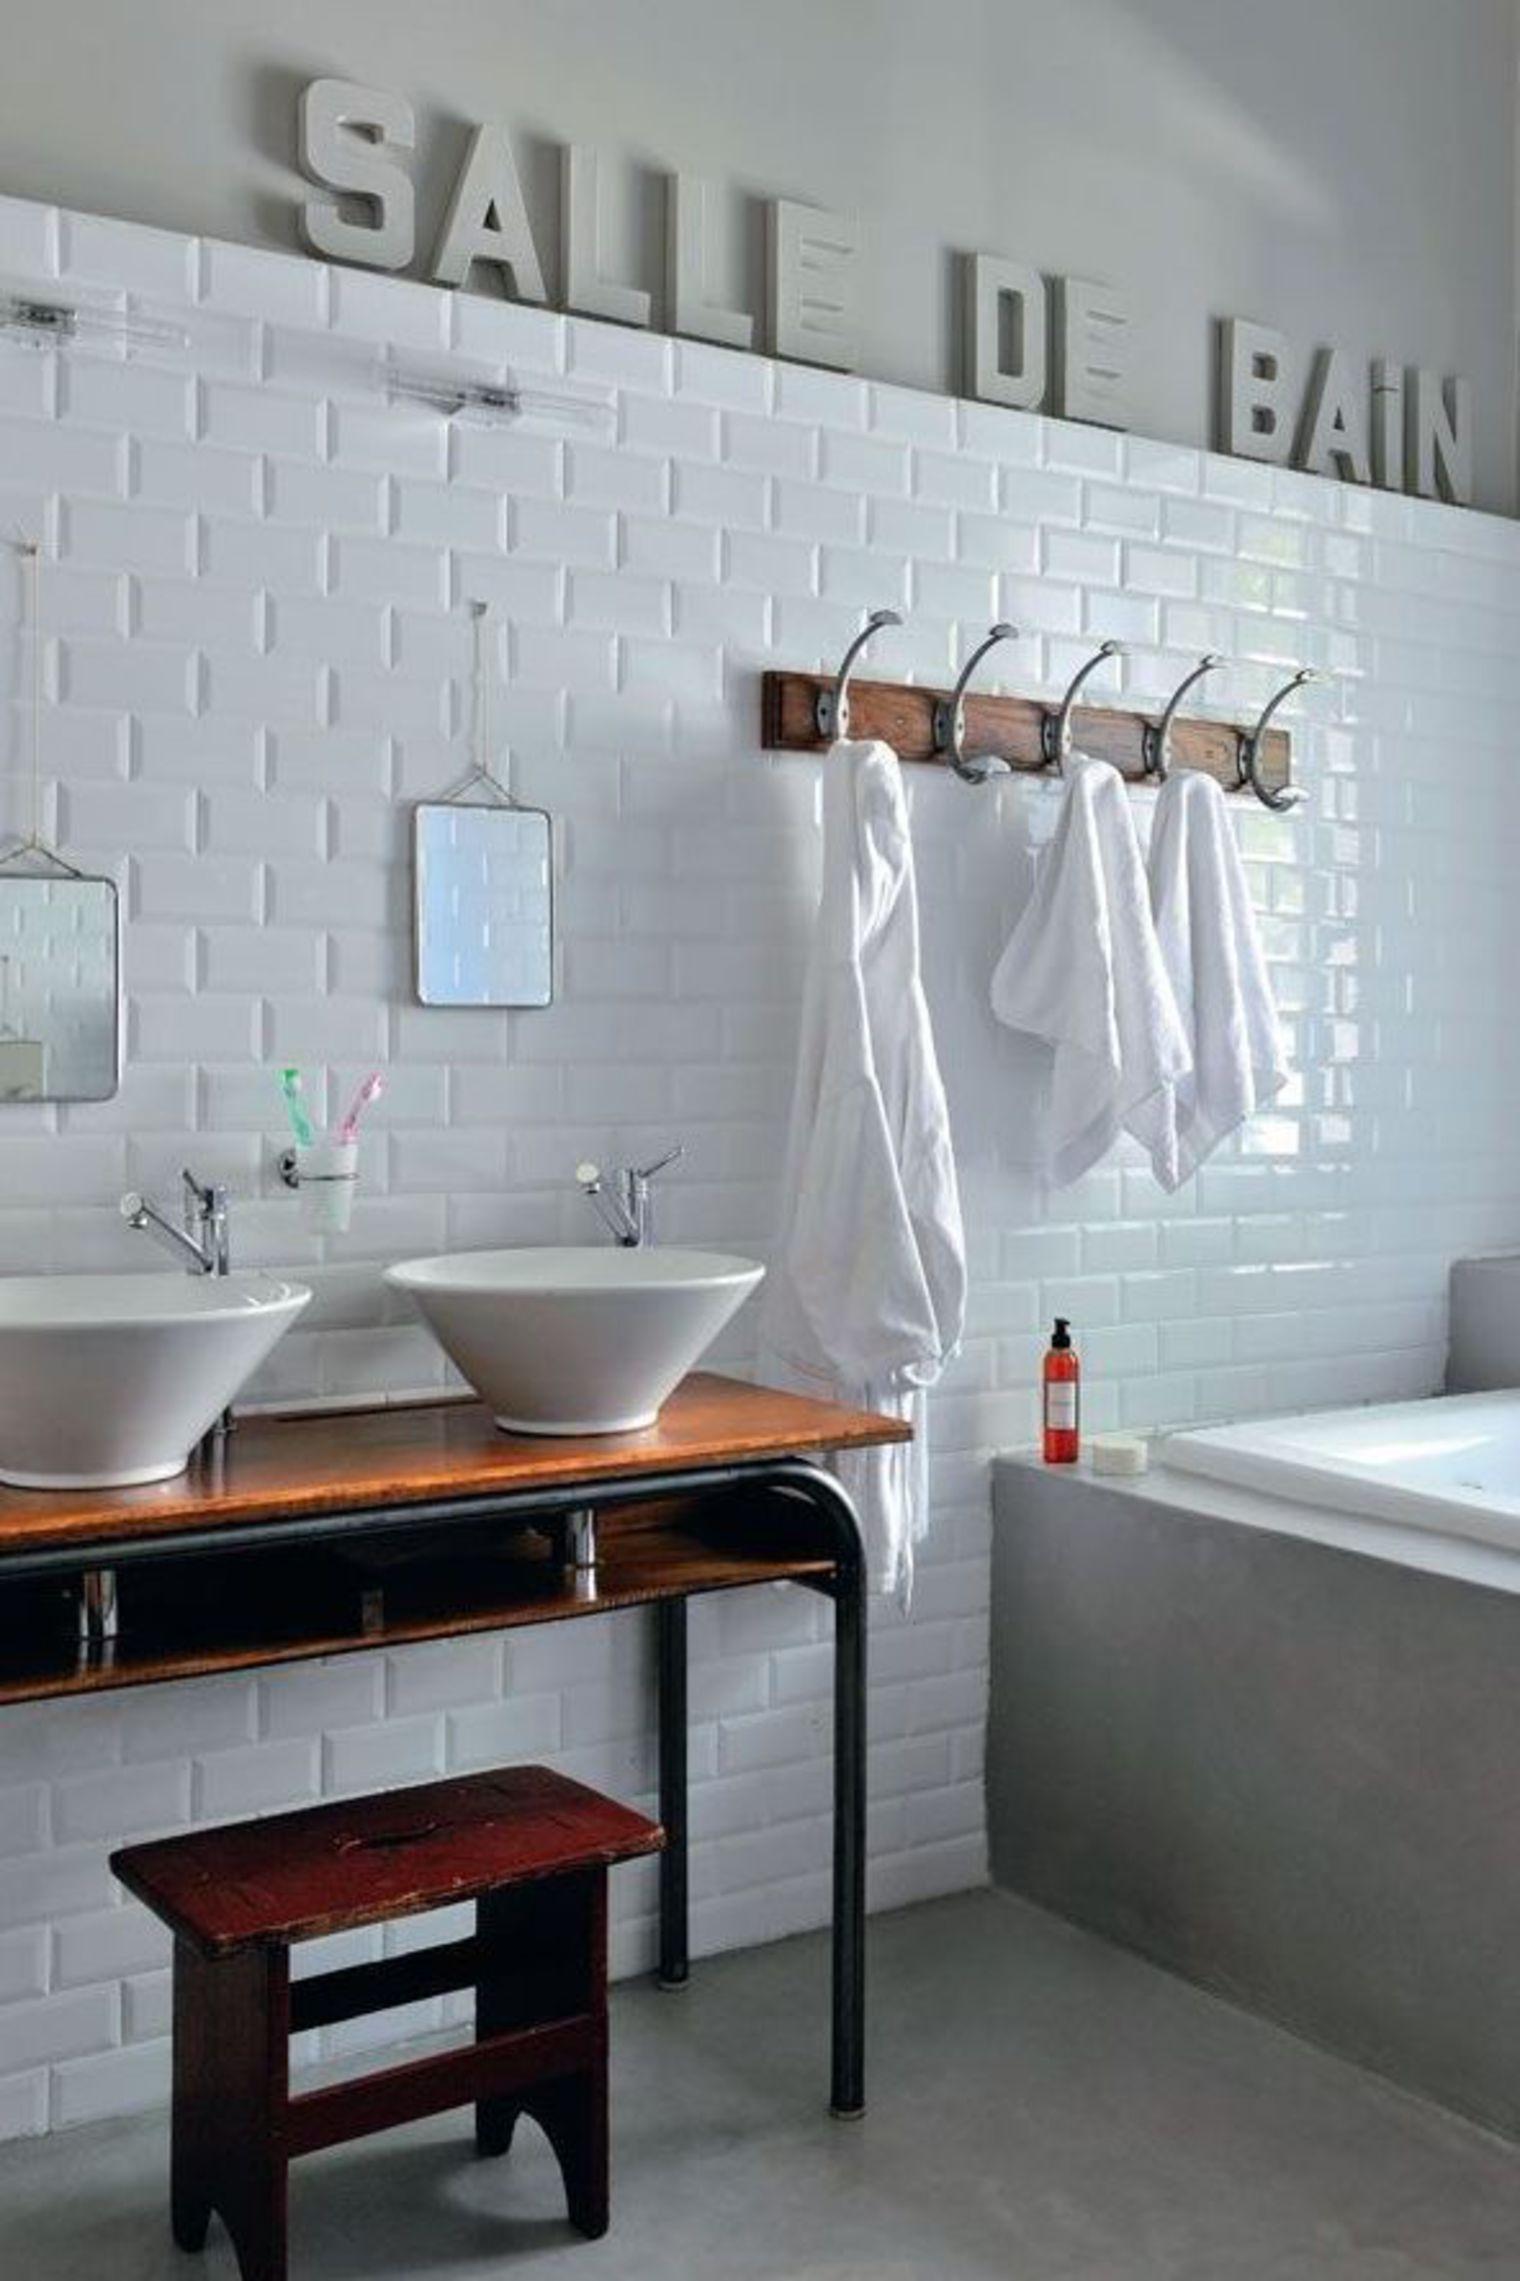 Salle De Bain Revetement 10 revêtements muraux qui dynamisent la salle de bain